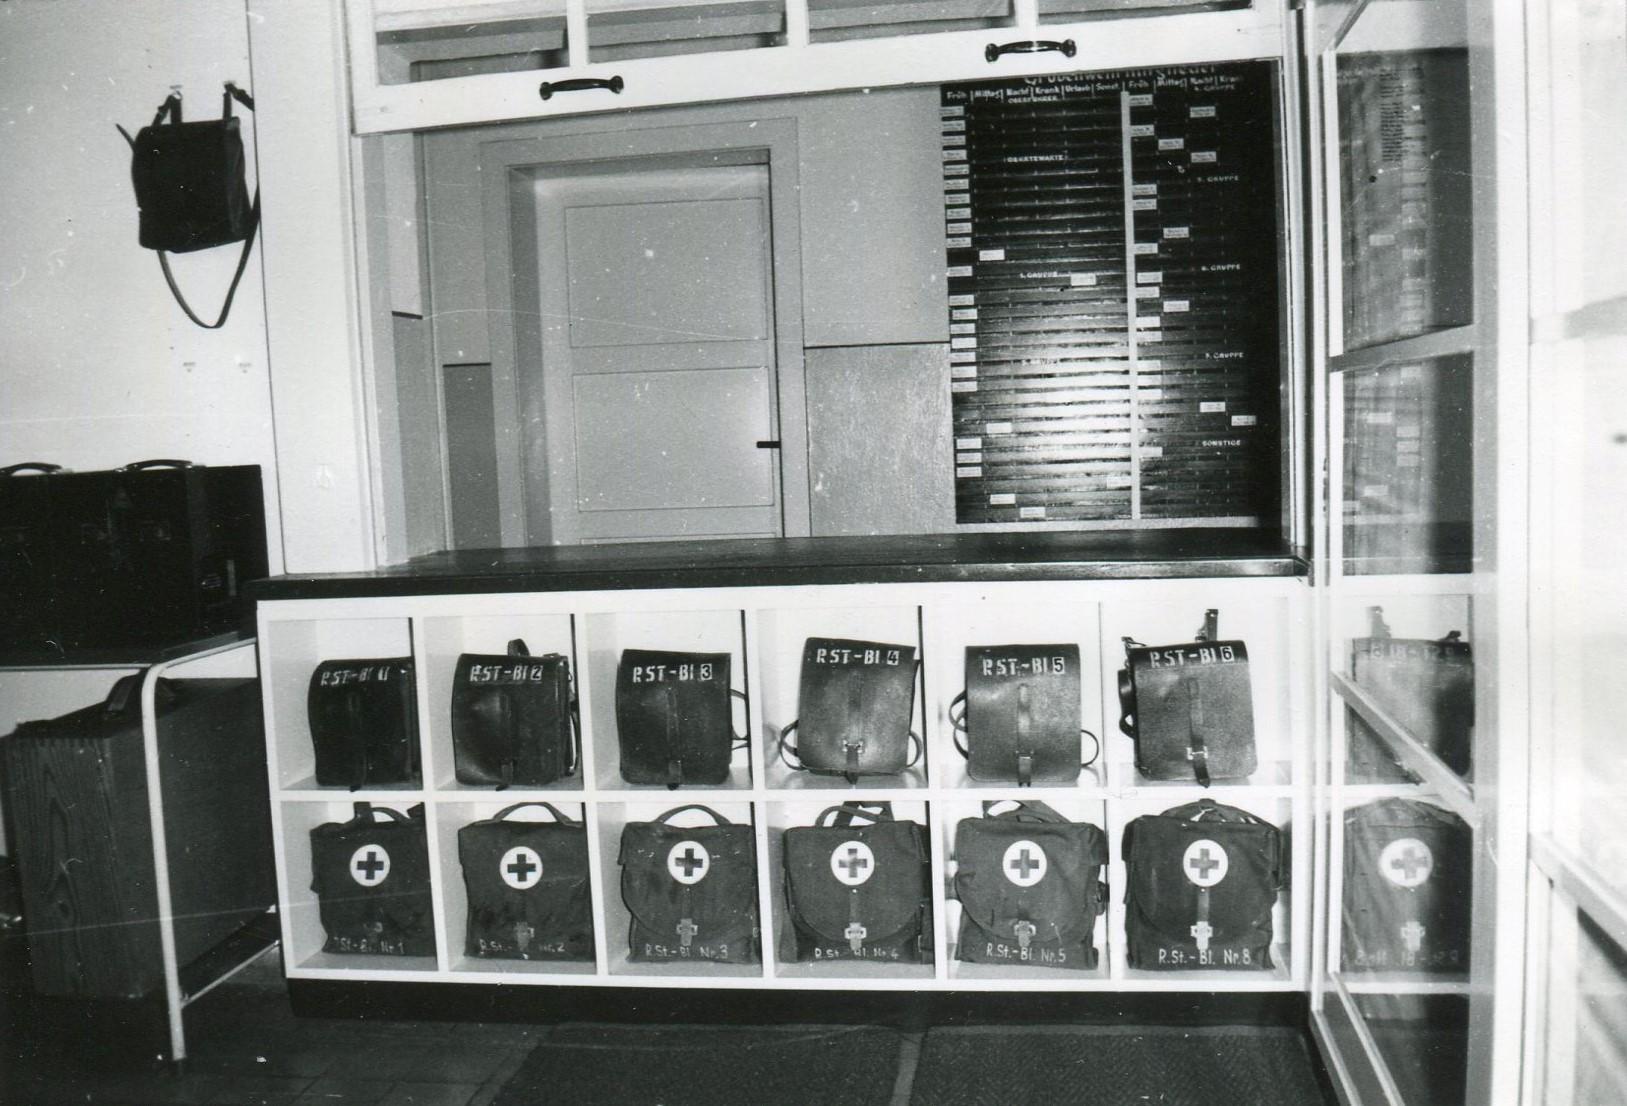 Unter dem Ausgebeschalter im Geräteraum befinden sich die Gruppenführereinsatztaschen sowie Sanitätstaschen